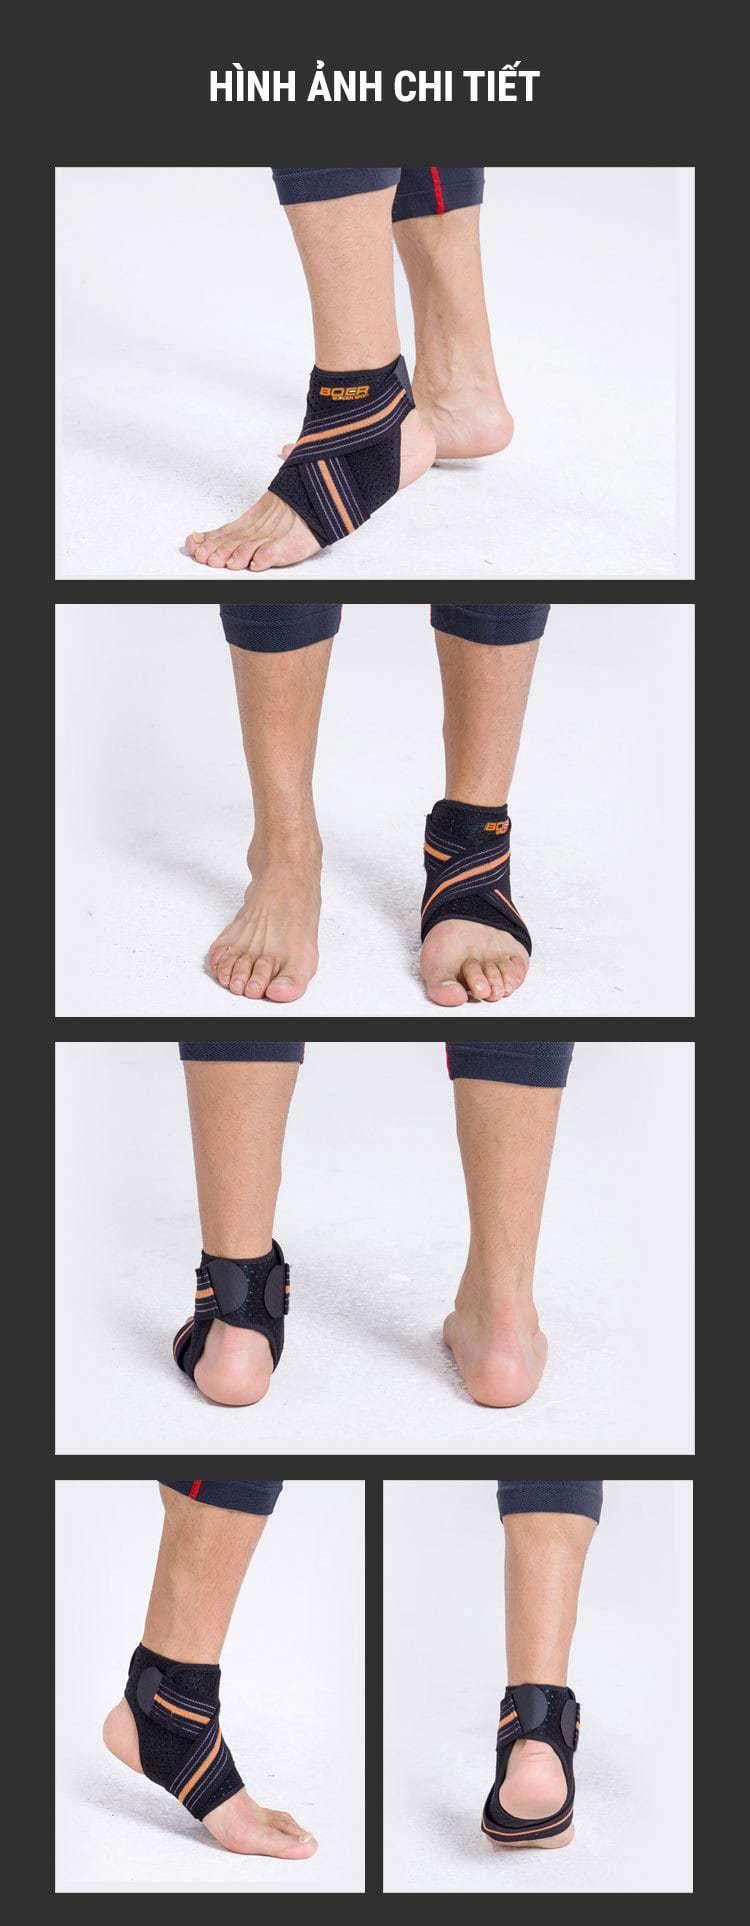 Băng thun cố định cổ chân